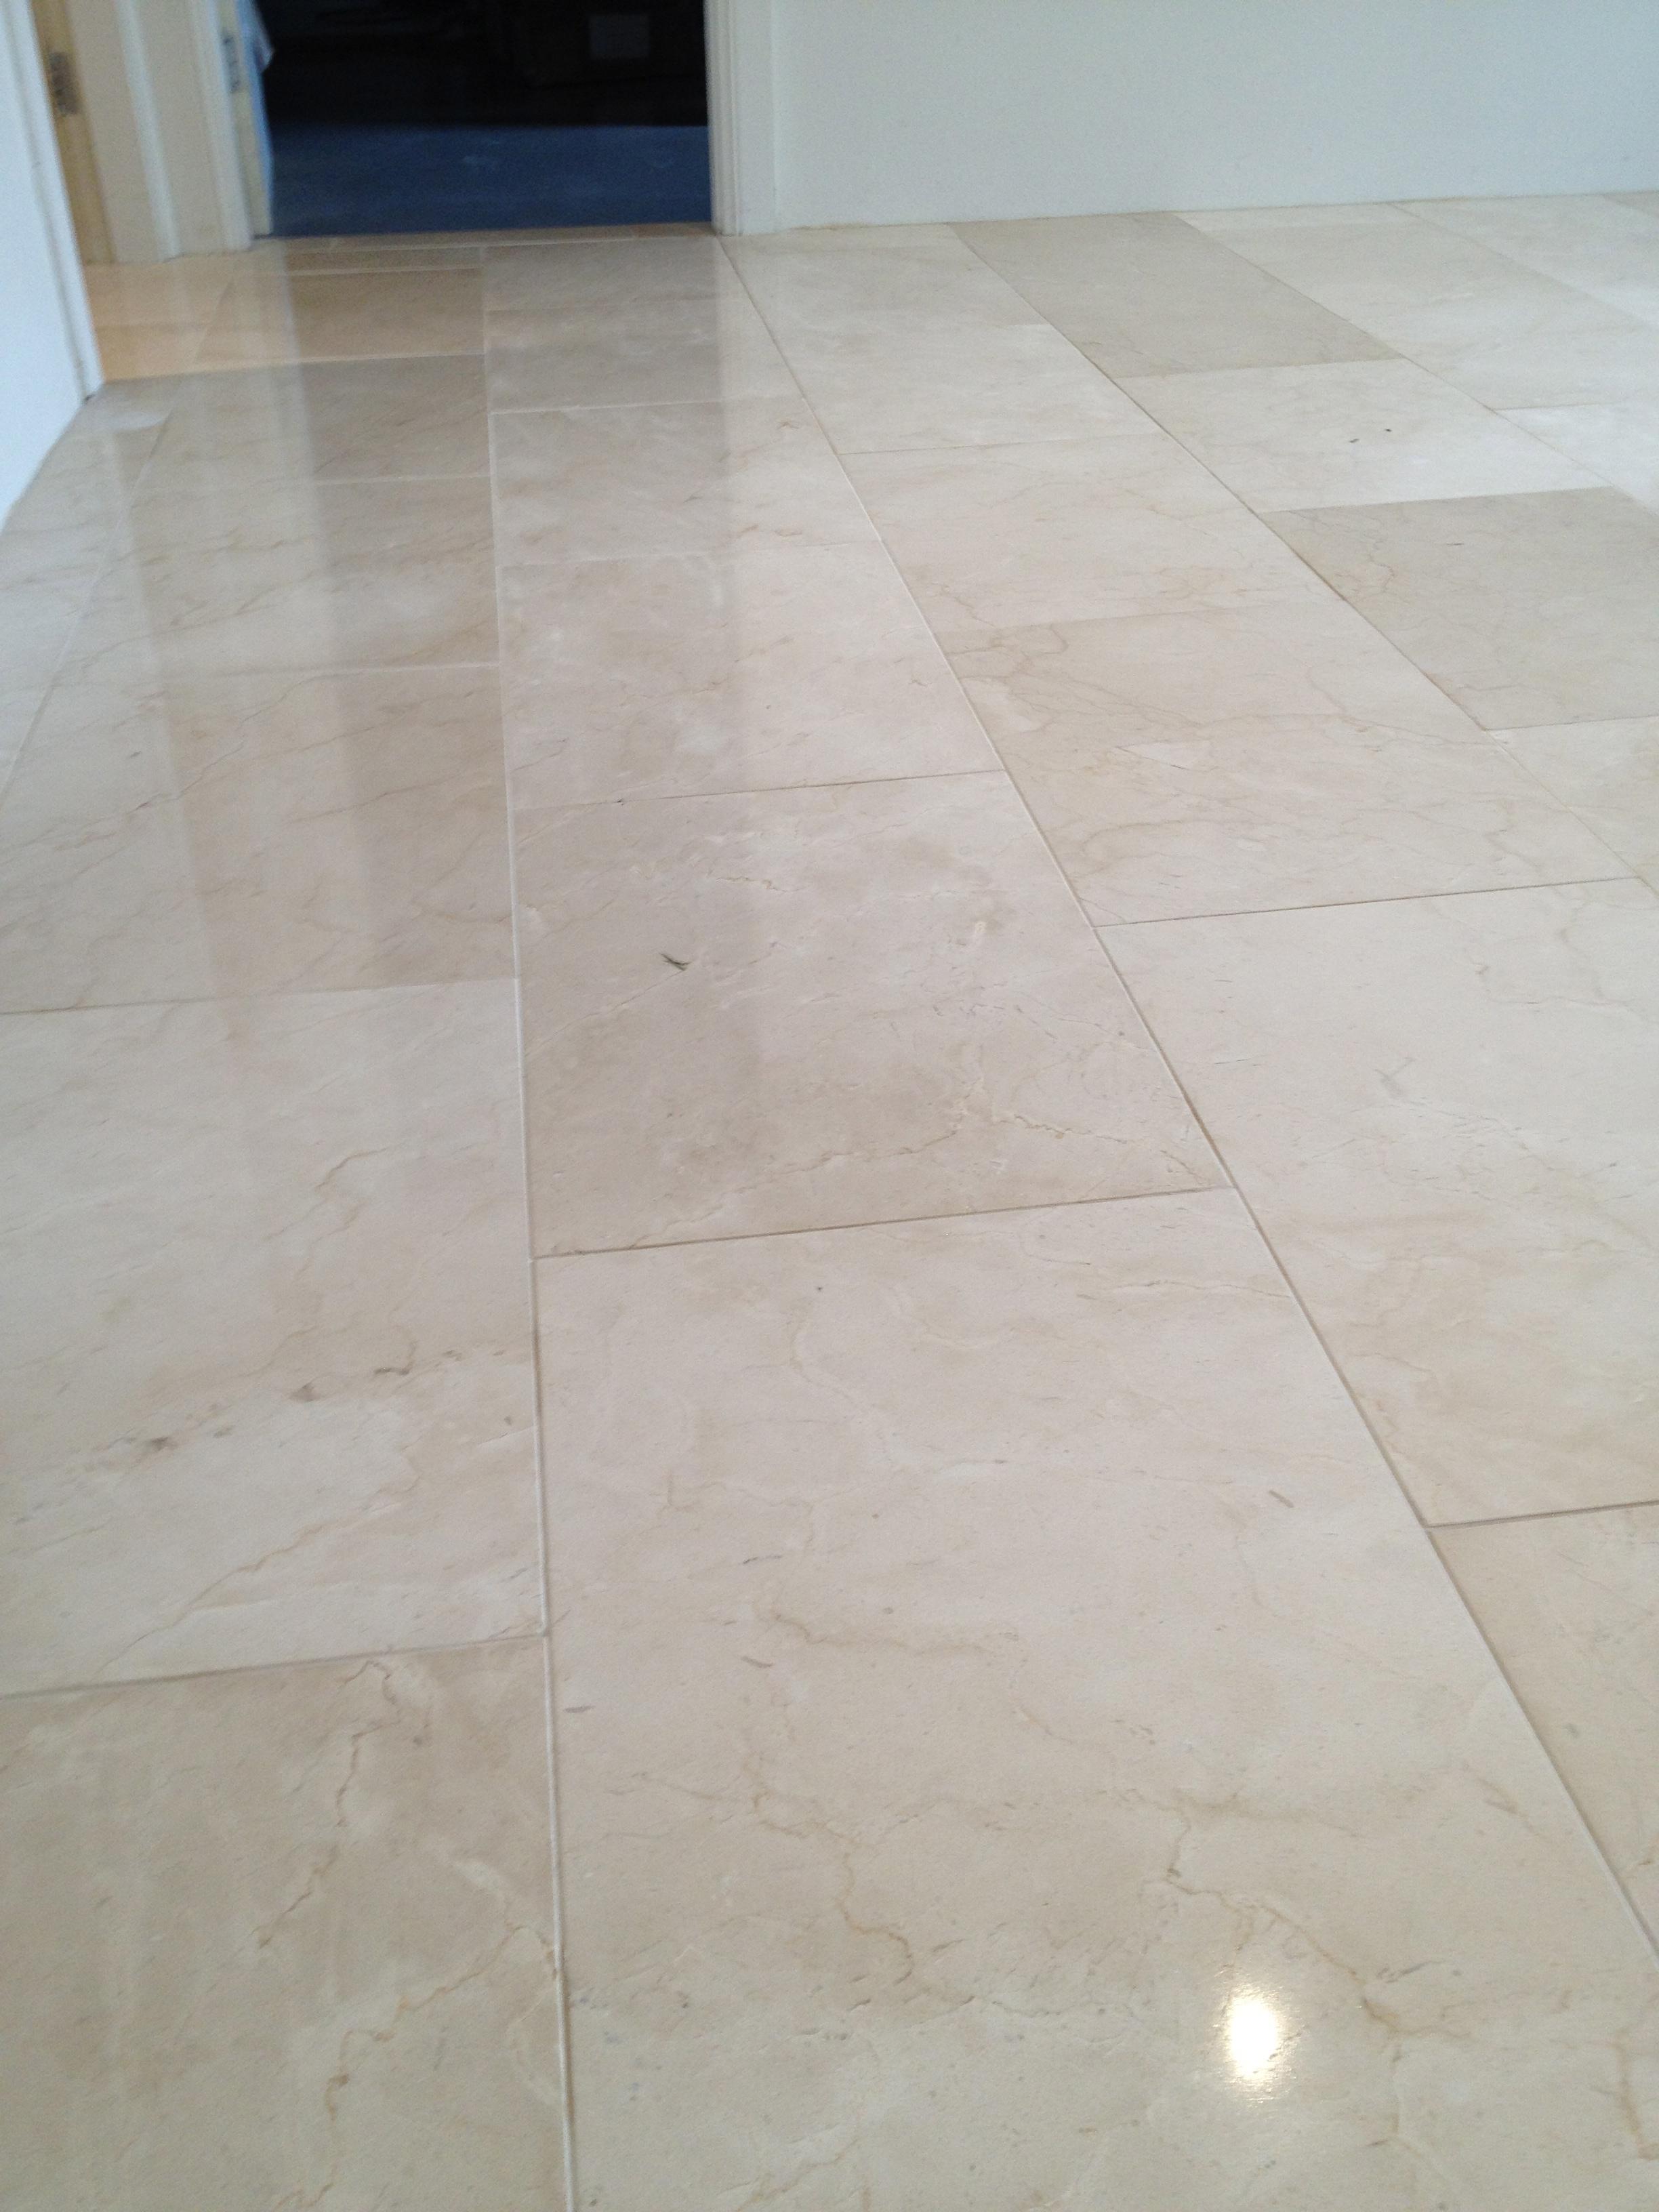 material glazed cstjomqucyva tile design floor ceramic floors marble china building foshan polish porcelain full from inkjet product